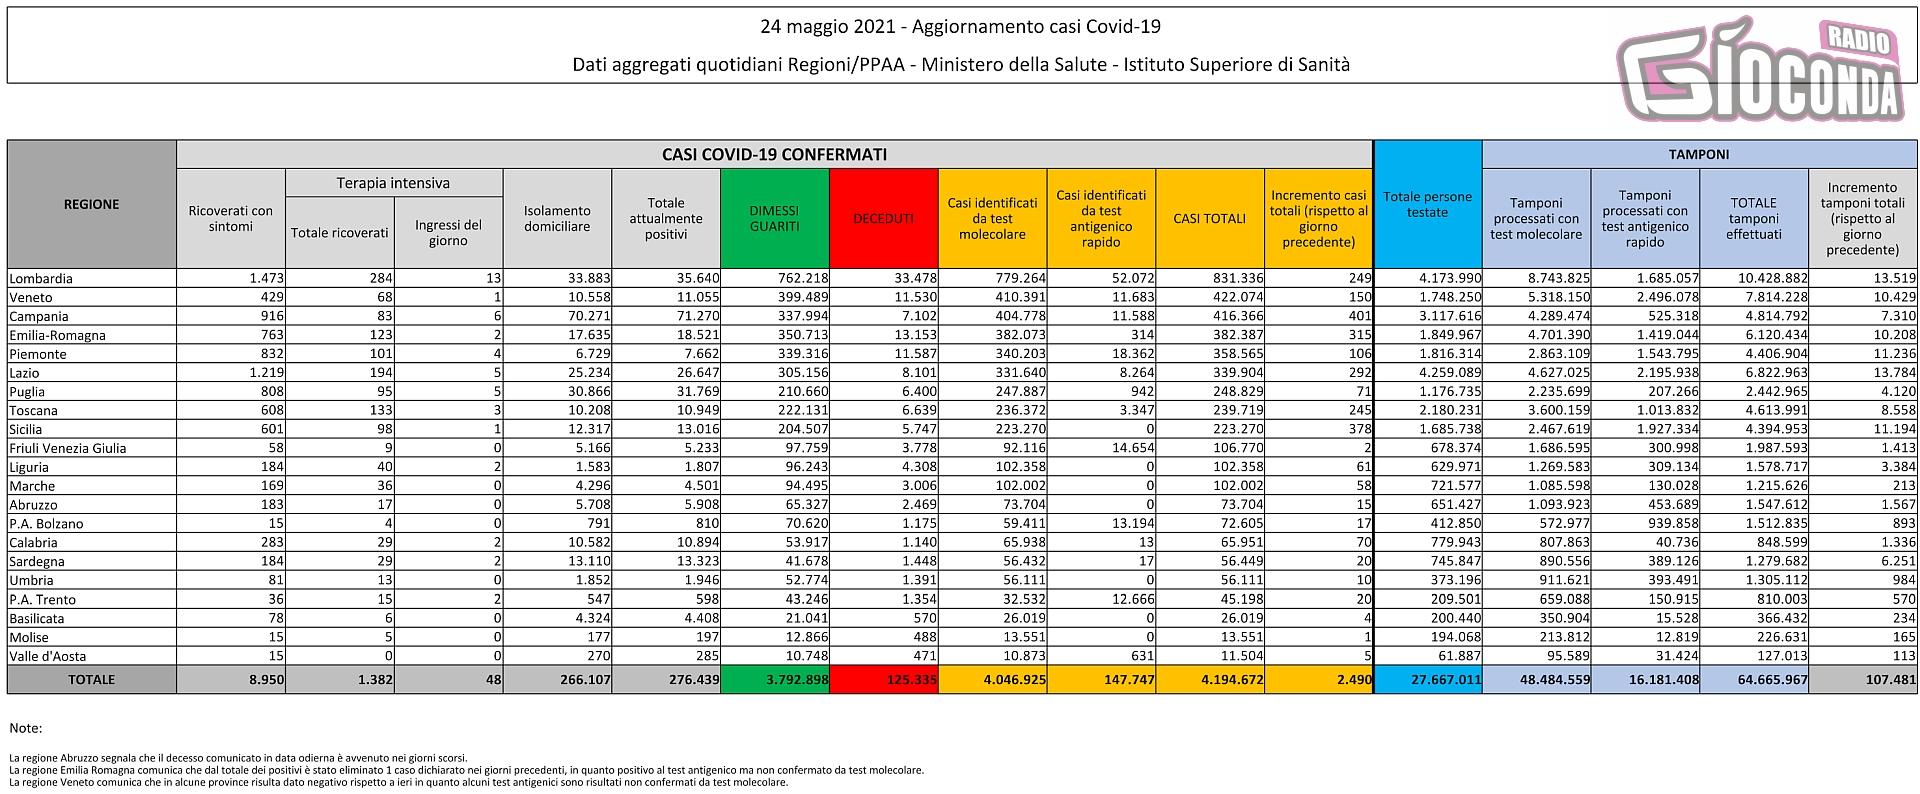 24 maggio 2021 - Aggiornamento casi Covid-19 Dati aggregati quotidiani Regioni/PPAA - Ministero della Salute - Istituto Superiore di Sanità